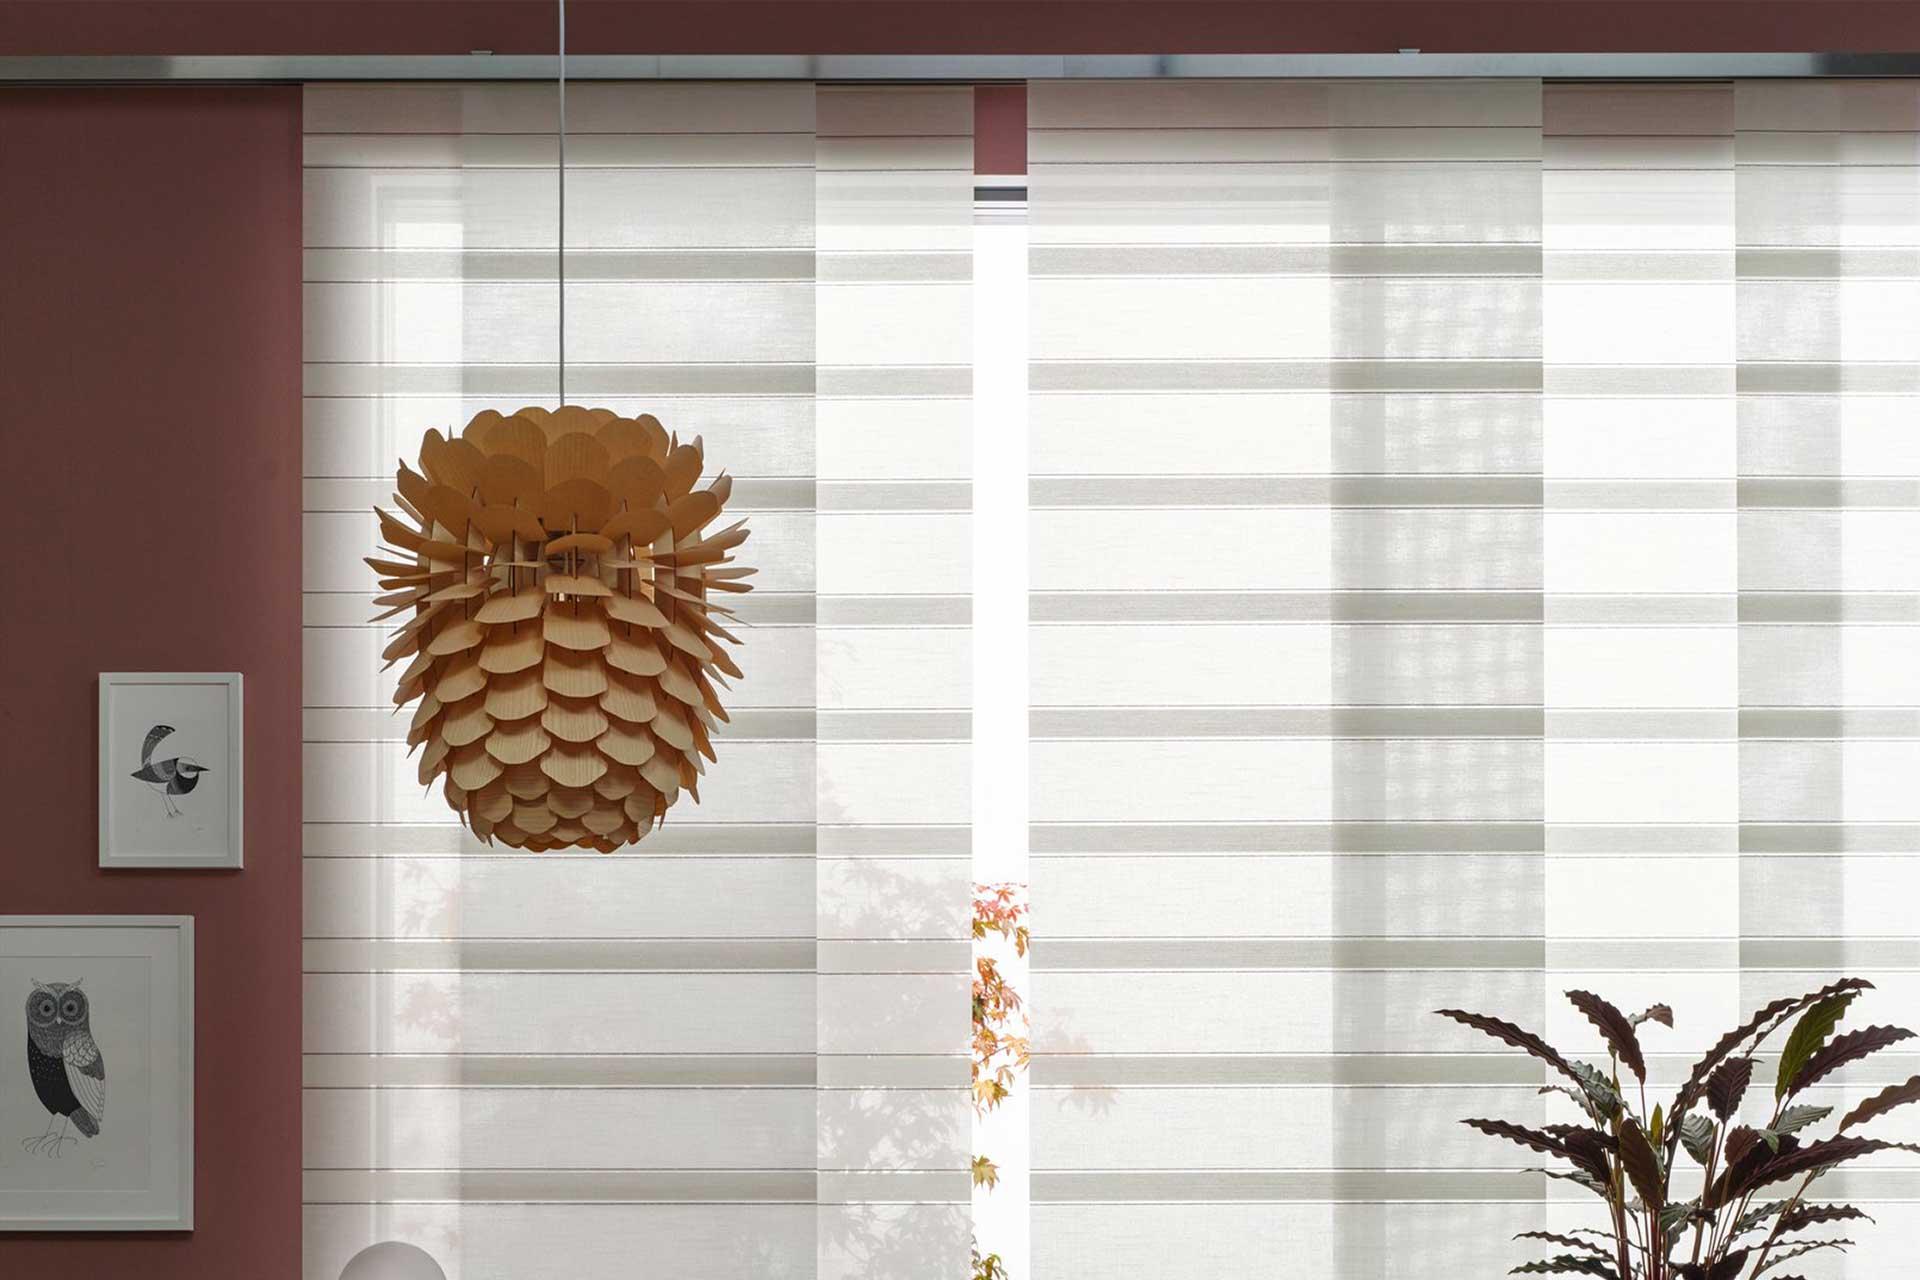 jab-anstoetz_telscher-raumausstattung_fensterdekoration_stitches_ps2069-090_m Fensterdekoration